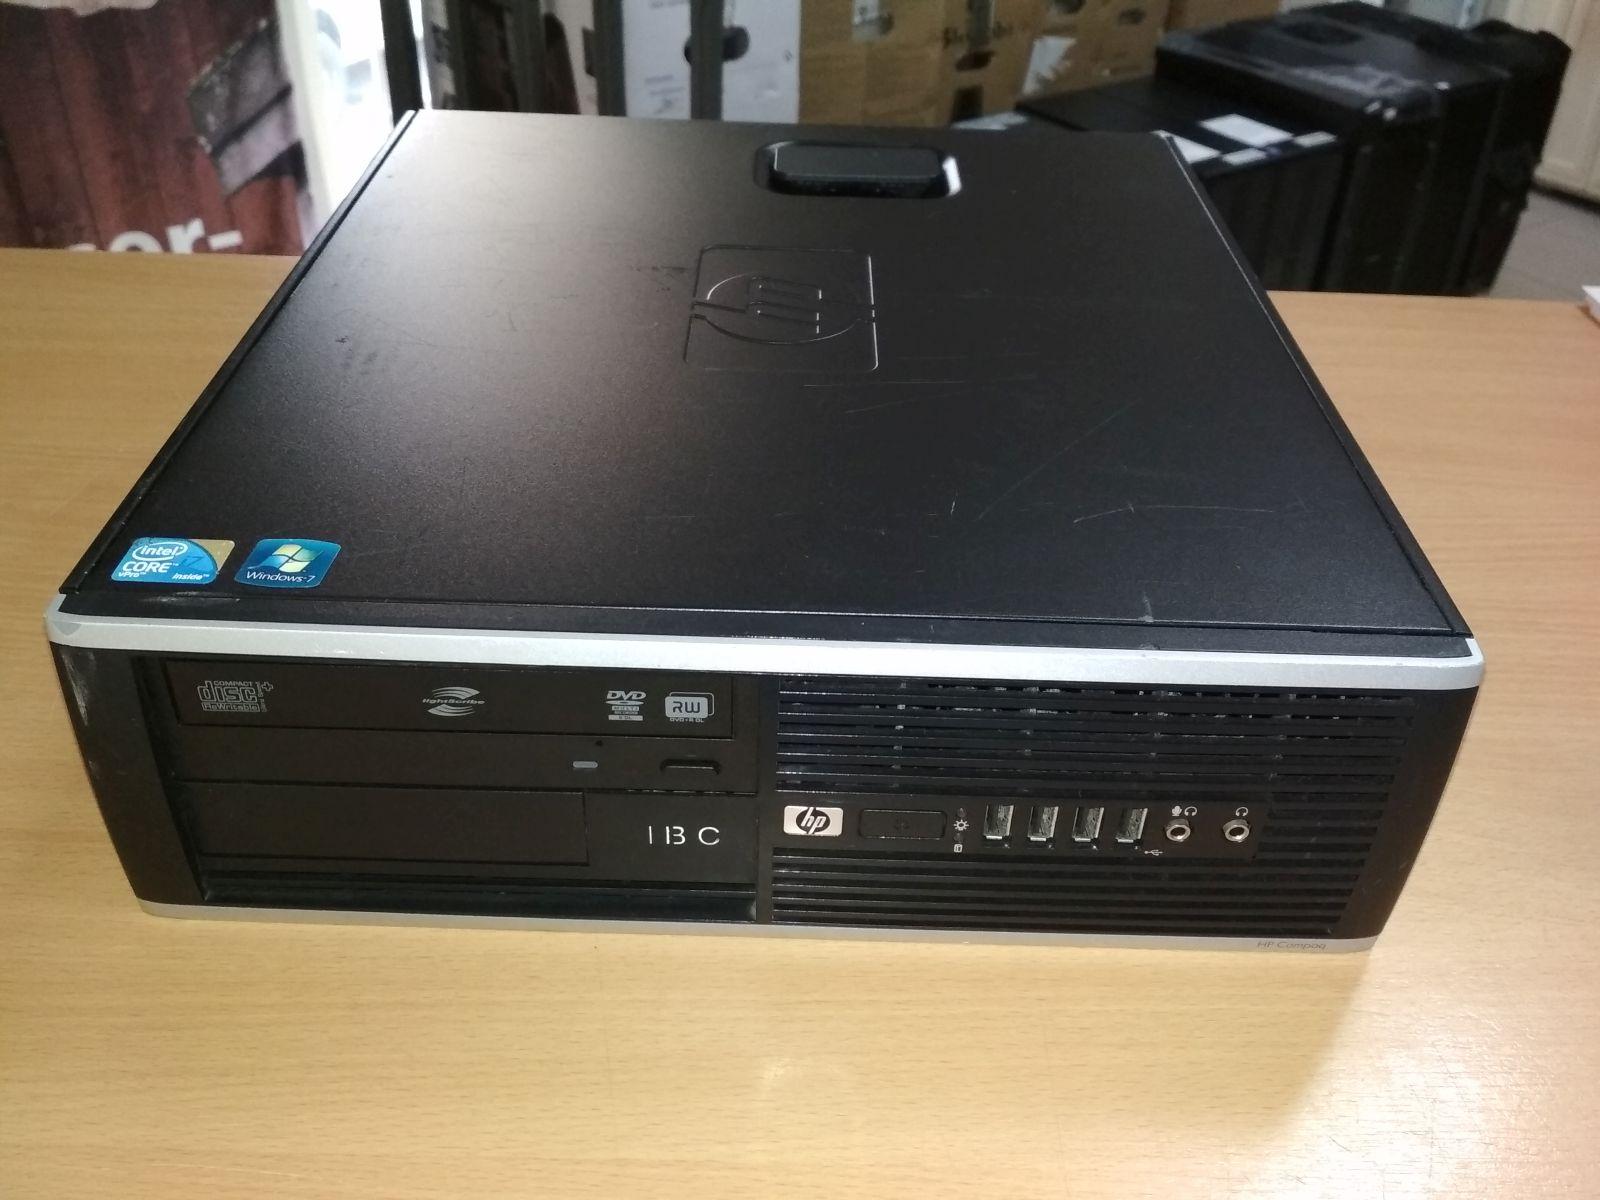 HP Compaq 8100 Elite SFF Xeon x3430 (i5) / 4 GB DDR3 / 500GB HDD használt 6 hó gar!